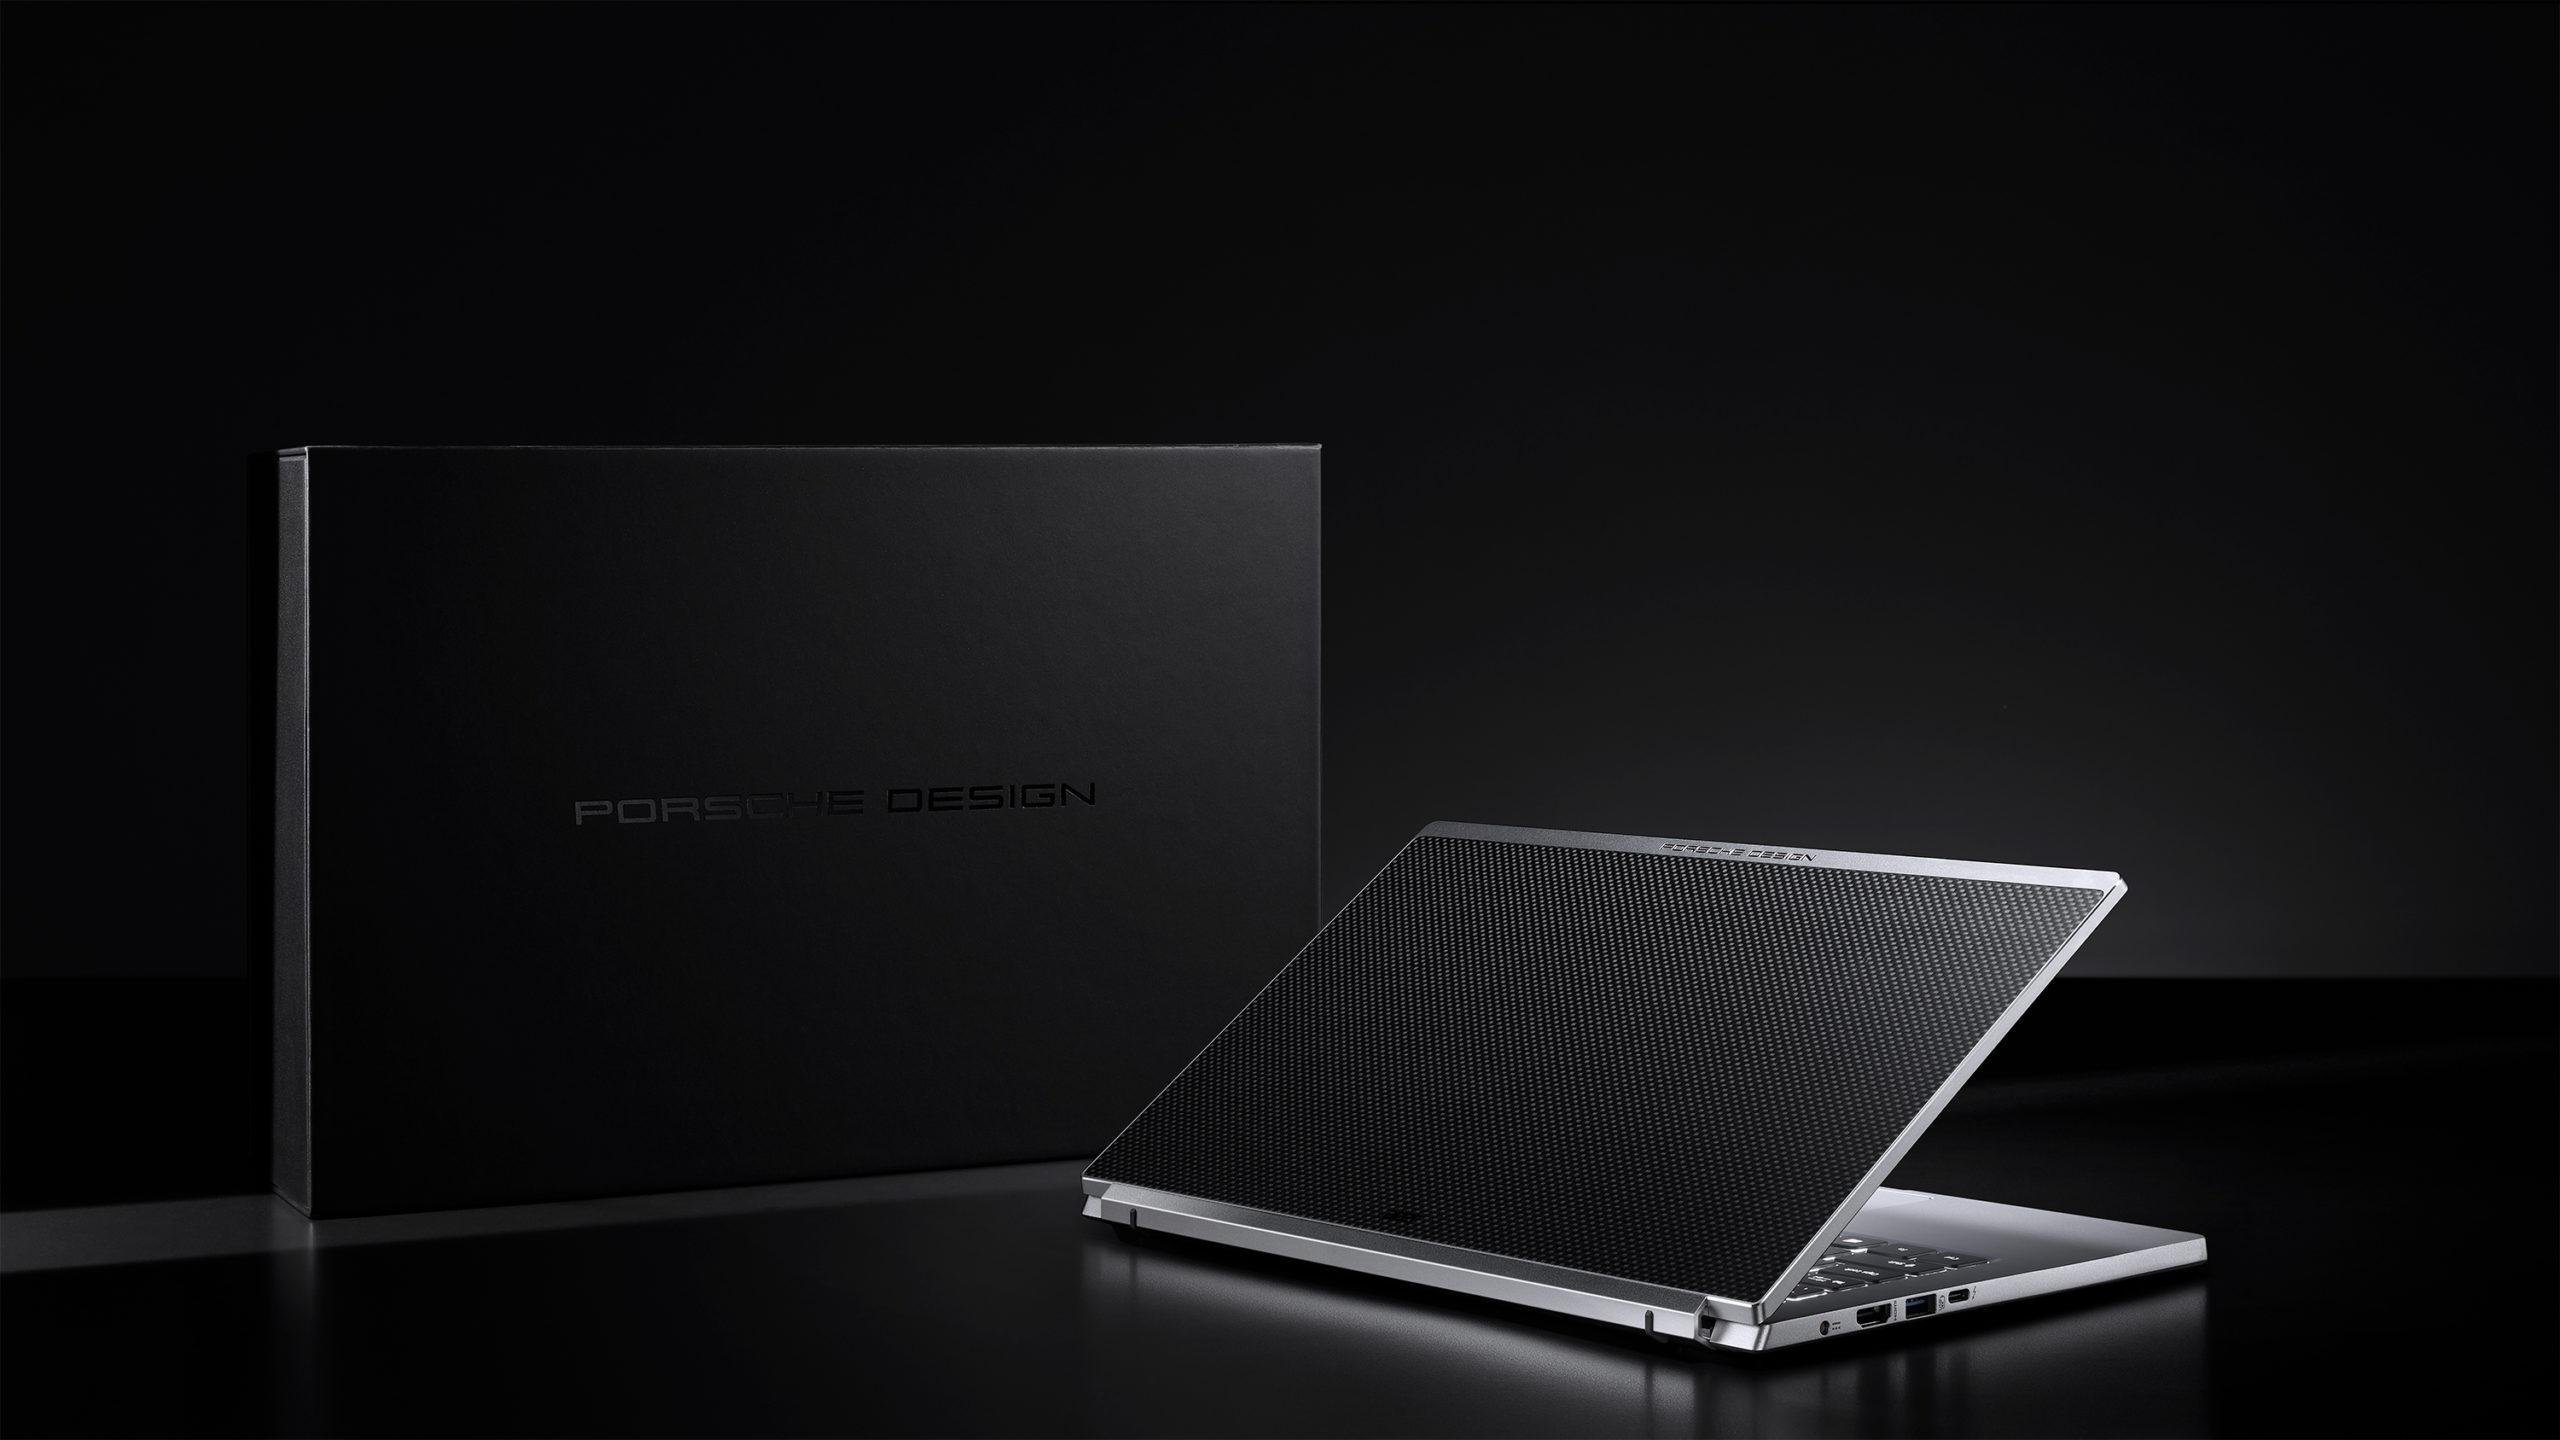 La nueva laptop de Porsche Design y Acer combina diseño con alto rendimiento